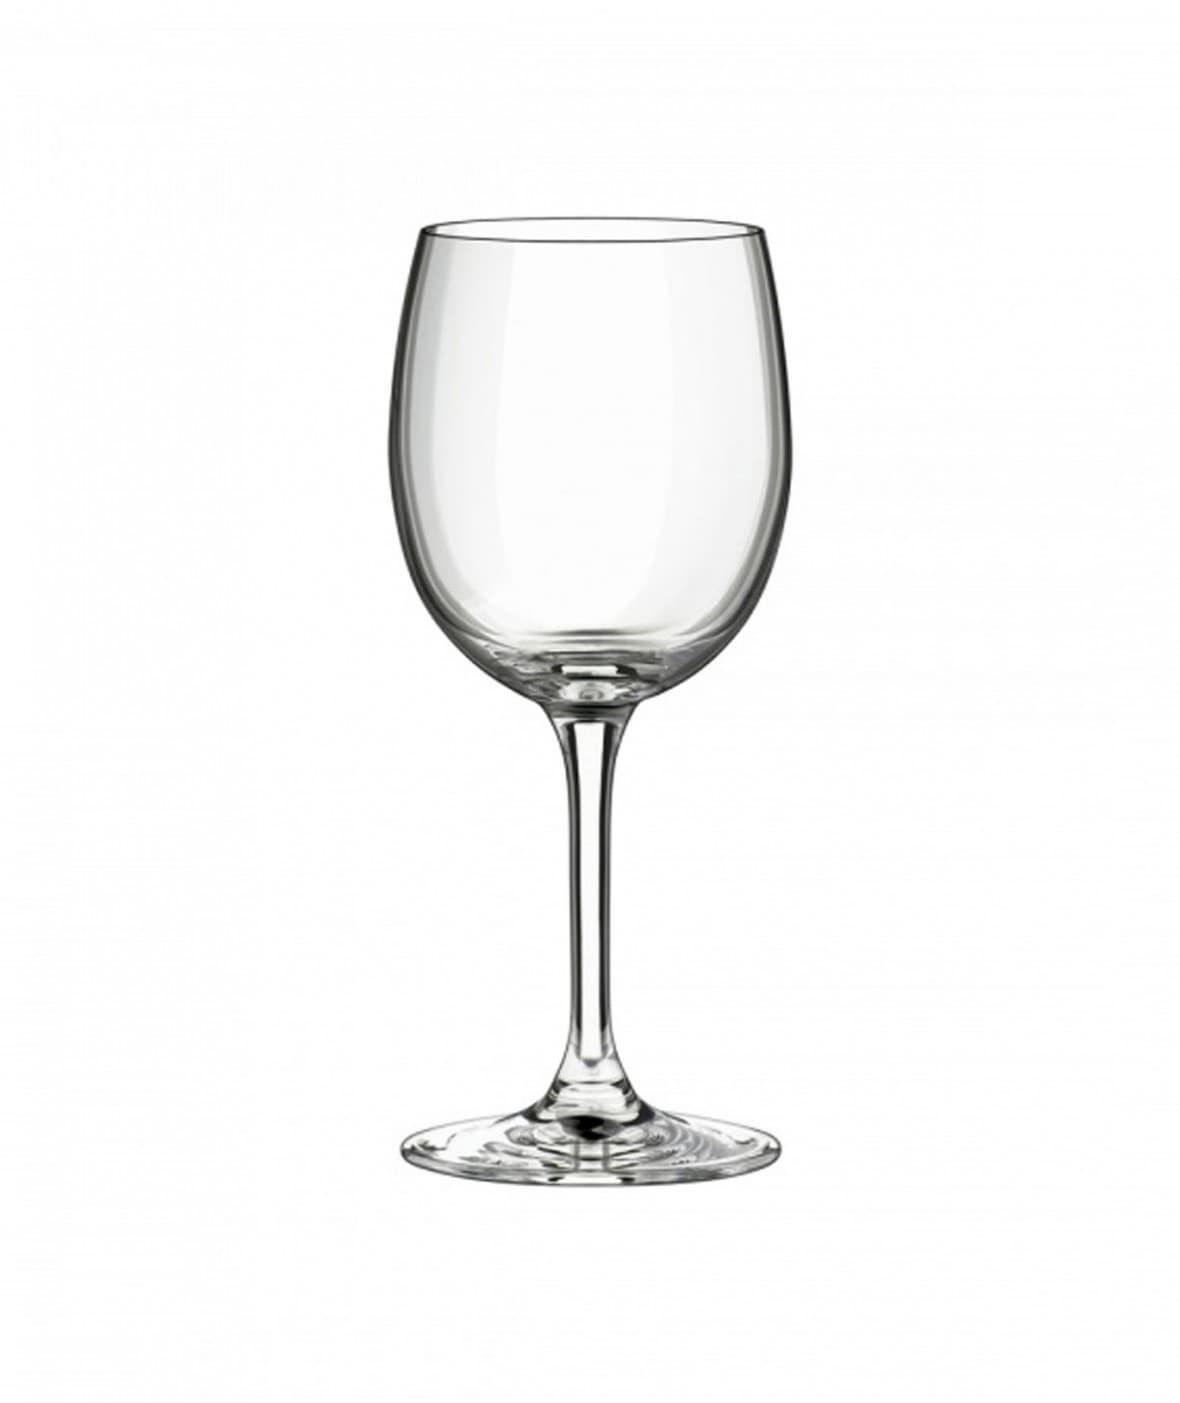 Mondo Бокал для белого вина, 350 мл, набор 6 шт